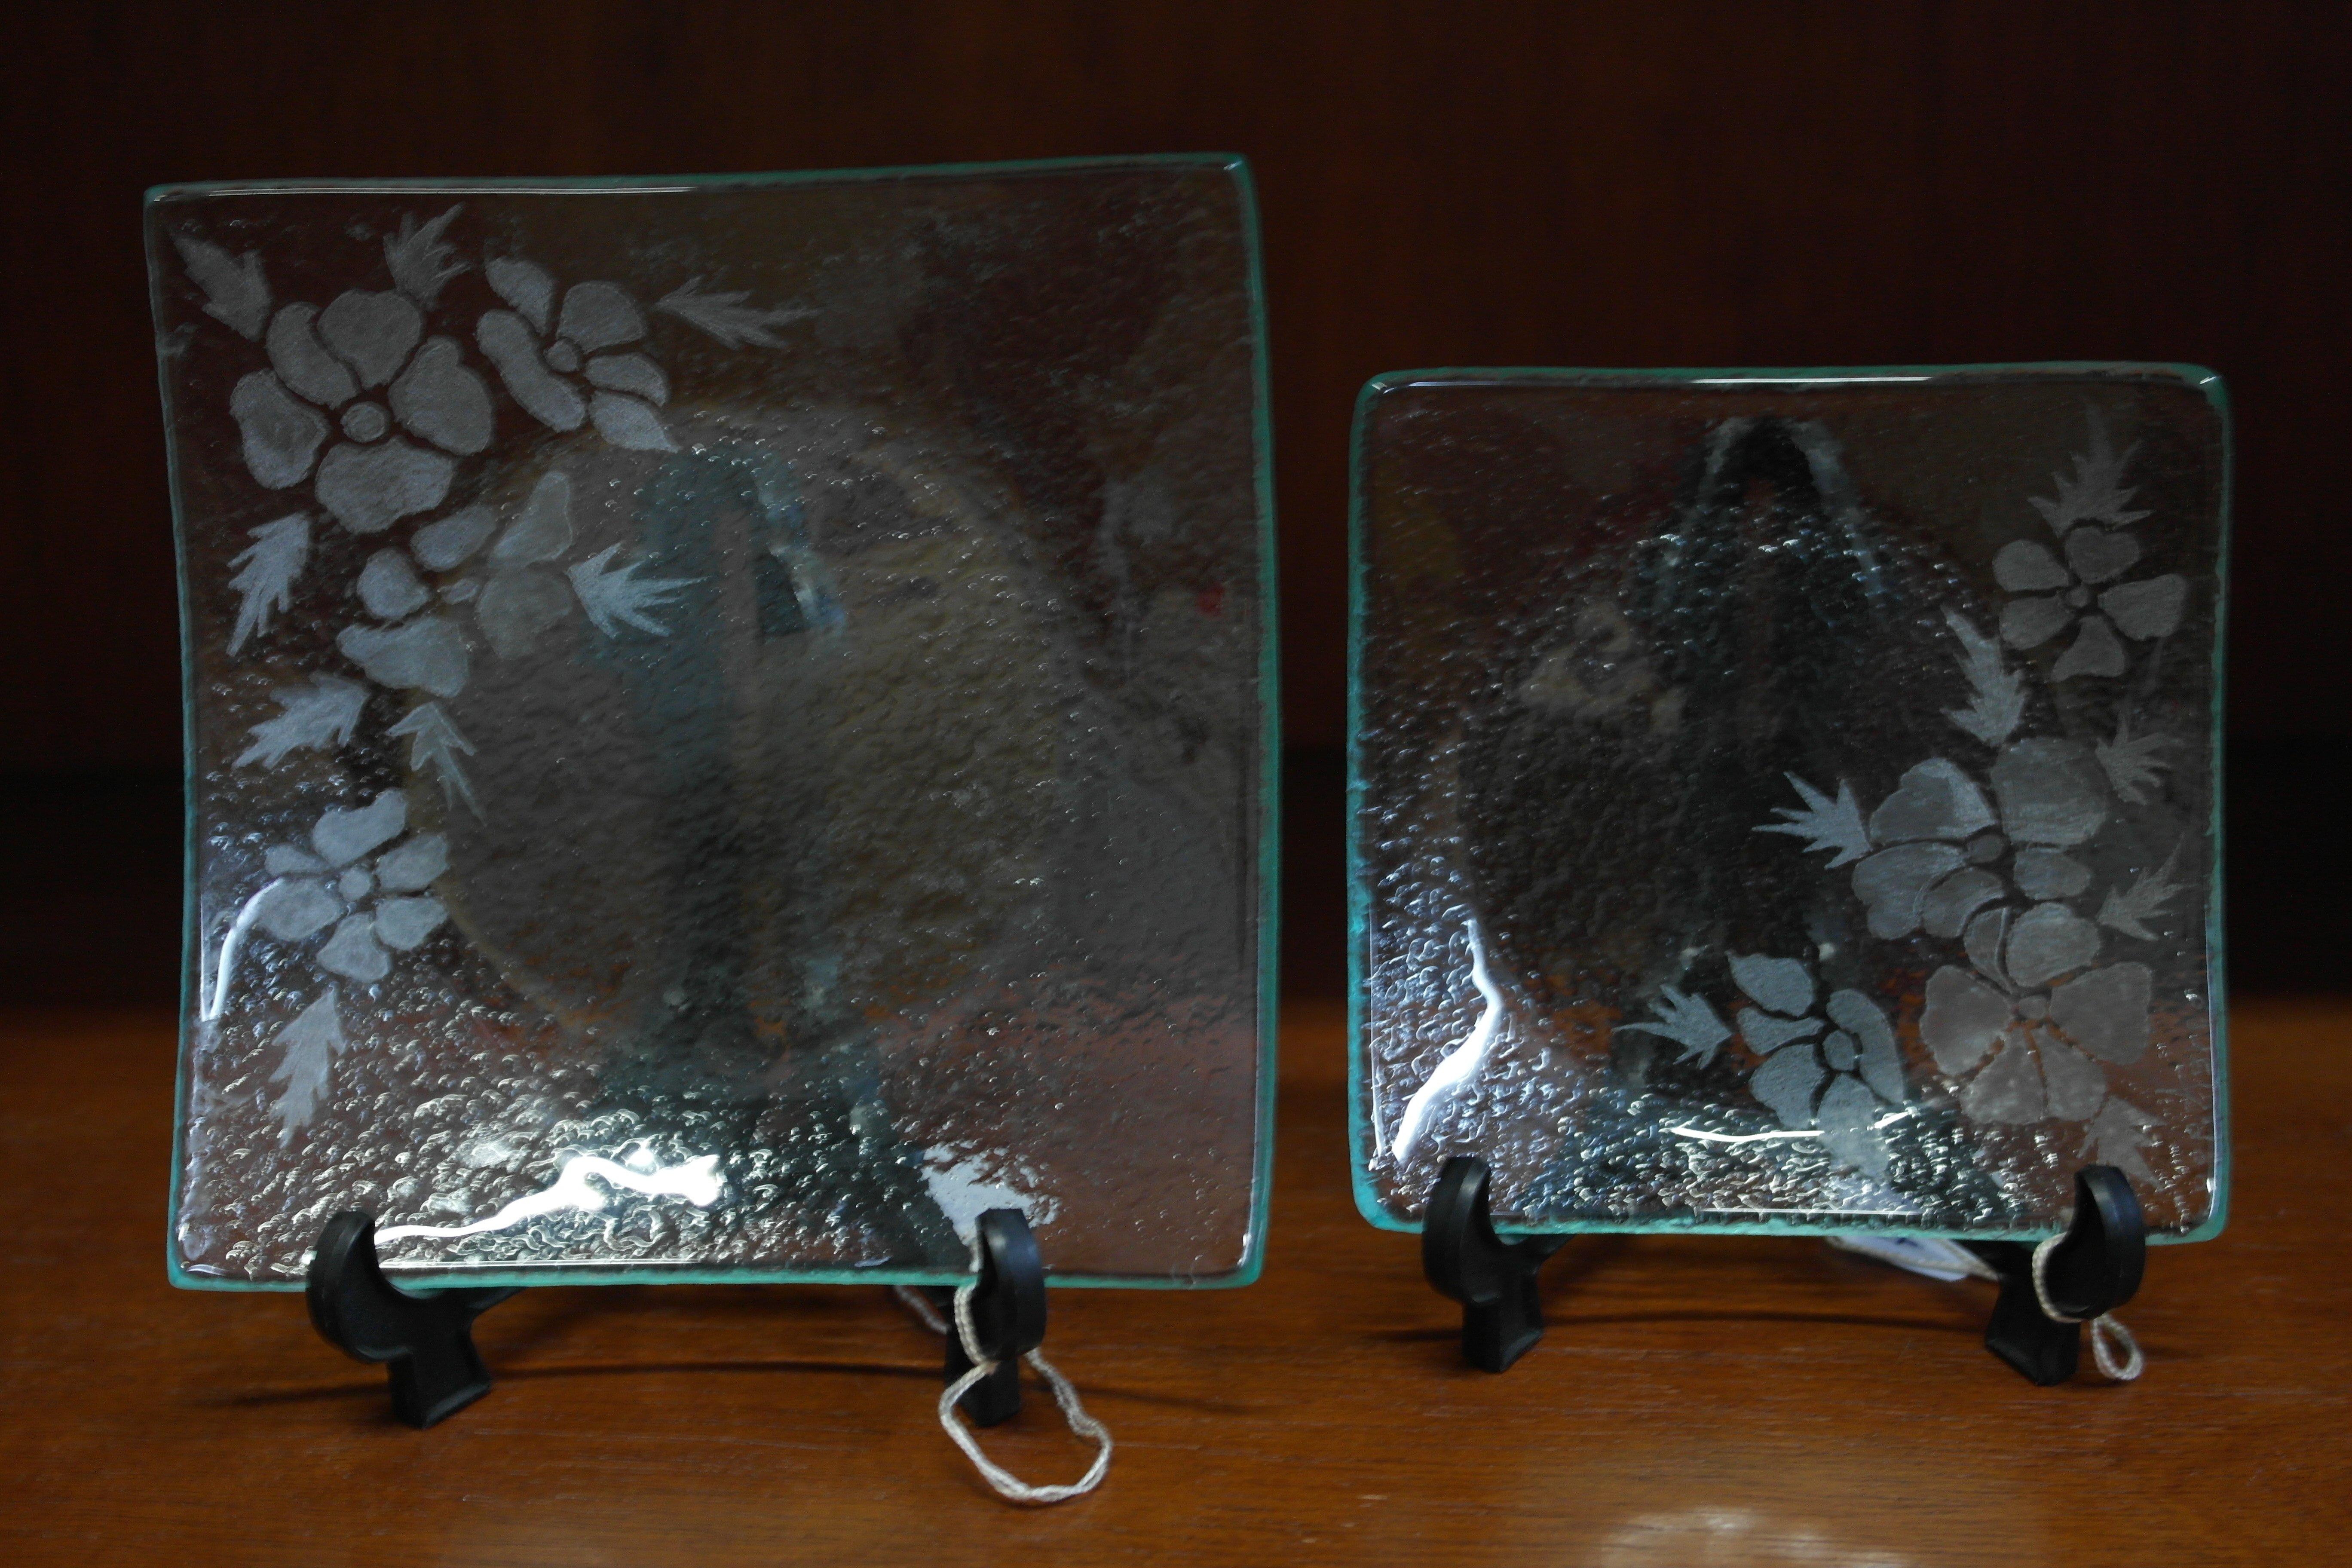 due piatti in vetro poggiati su un sostegno nero